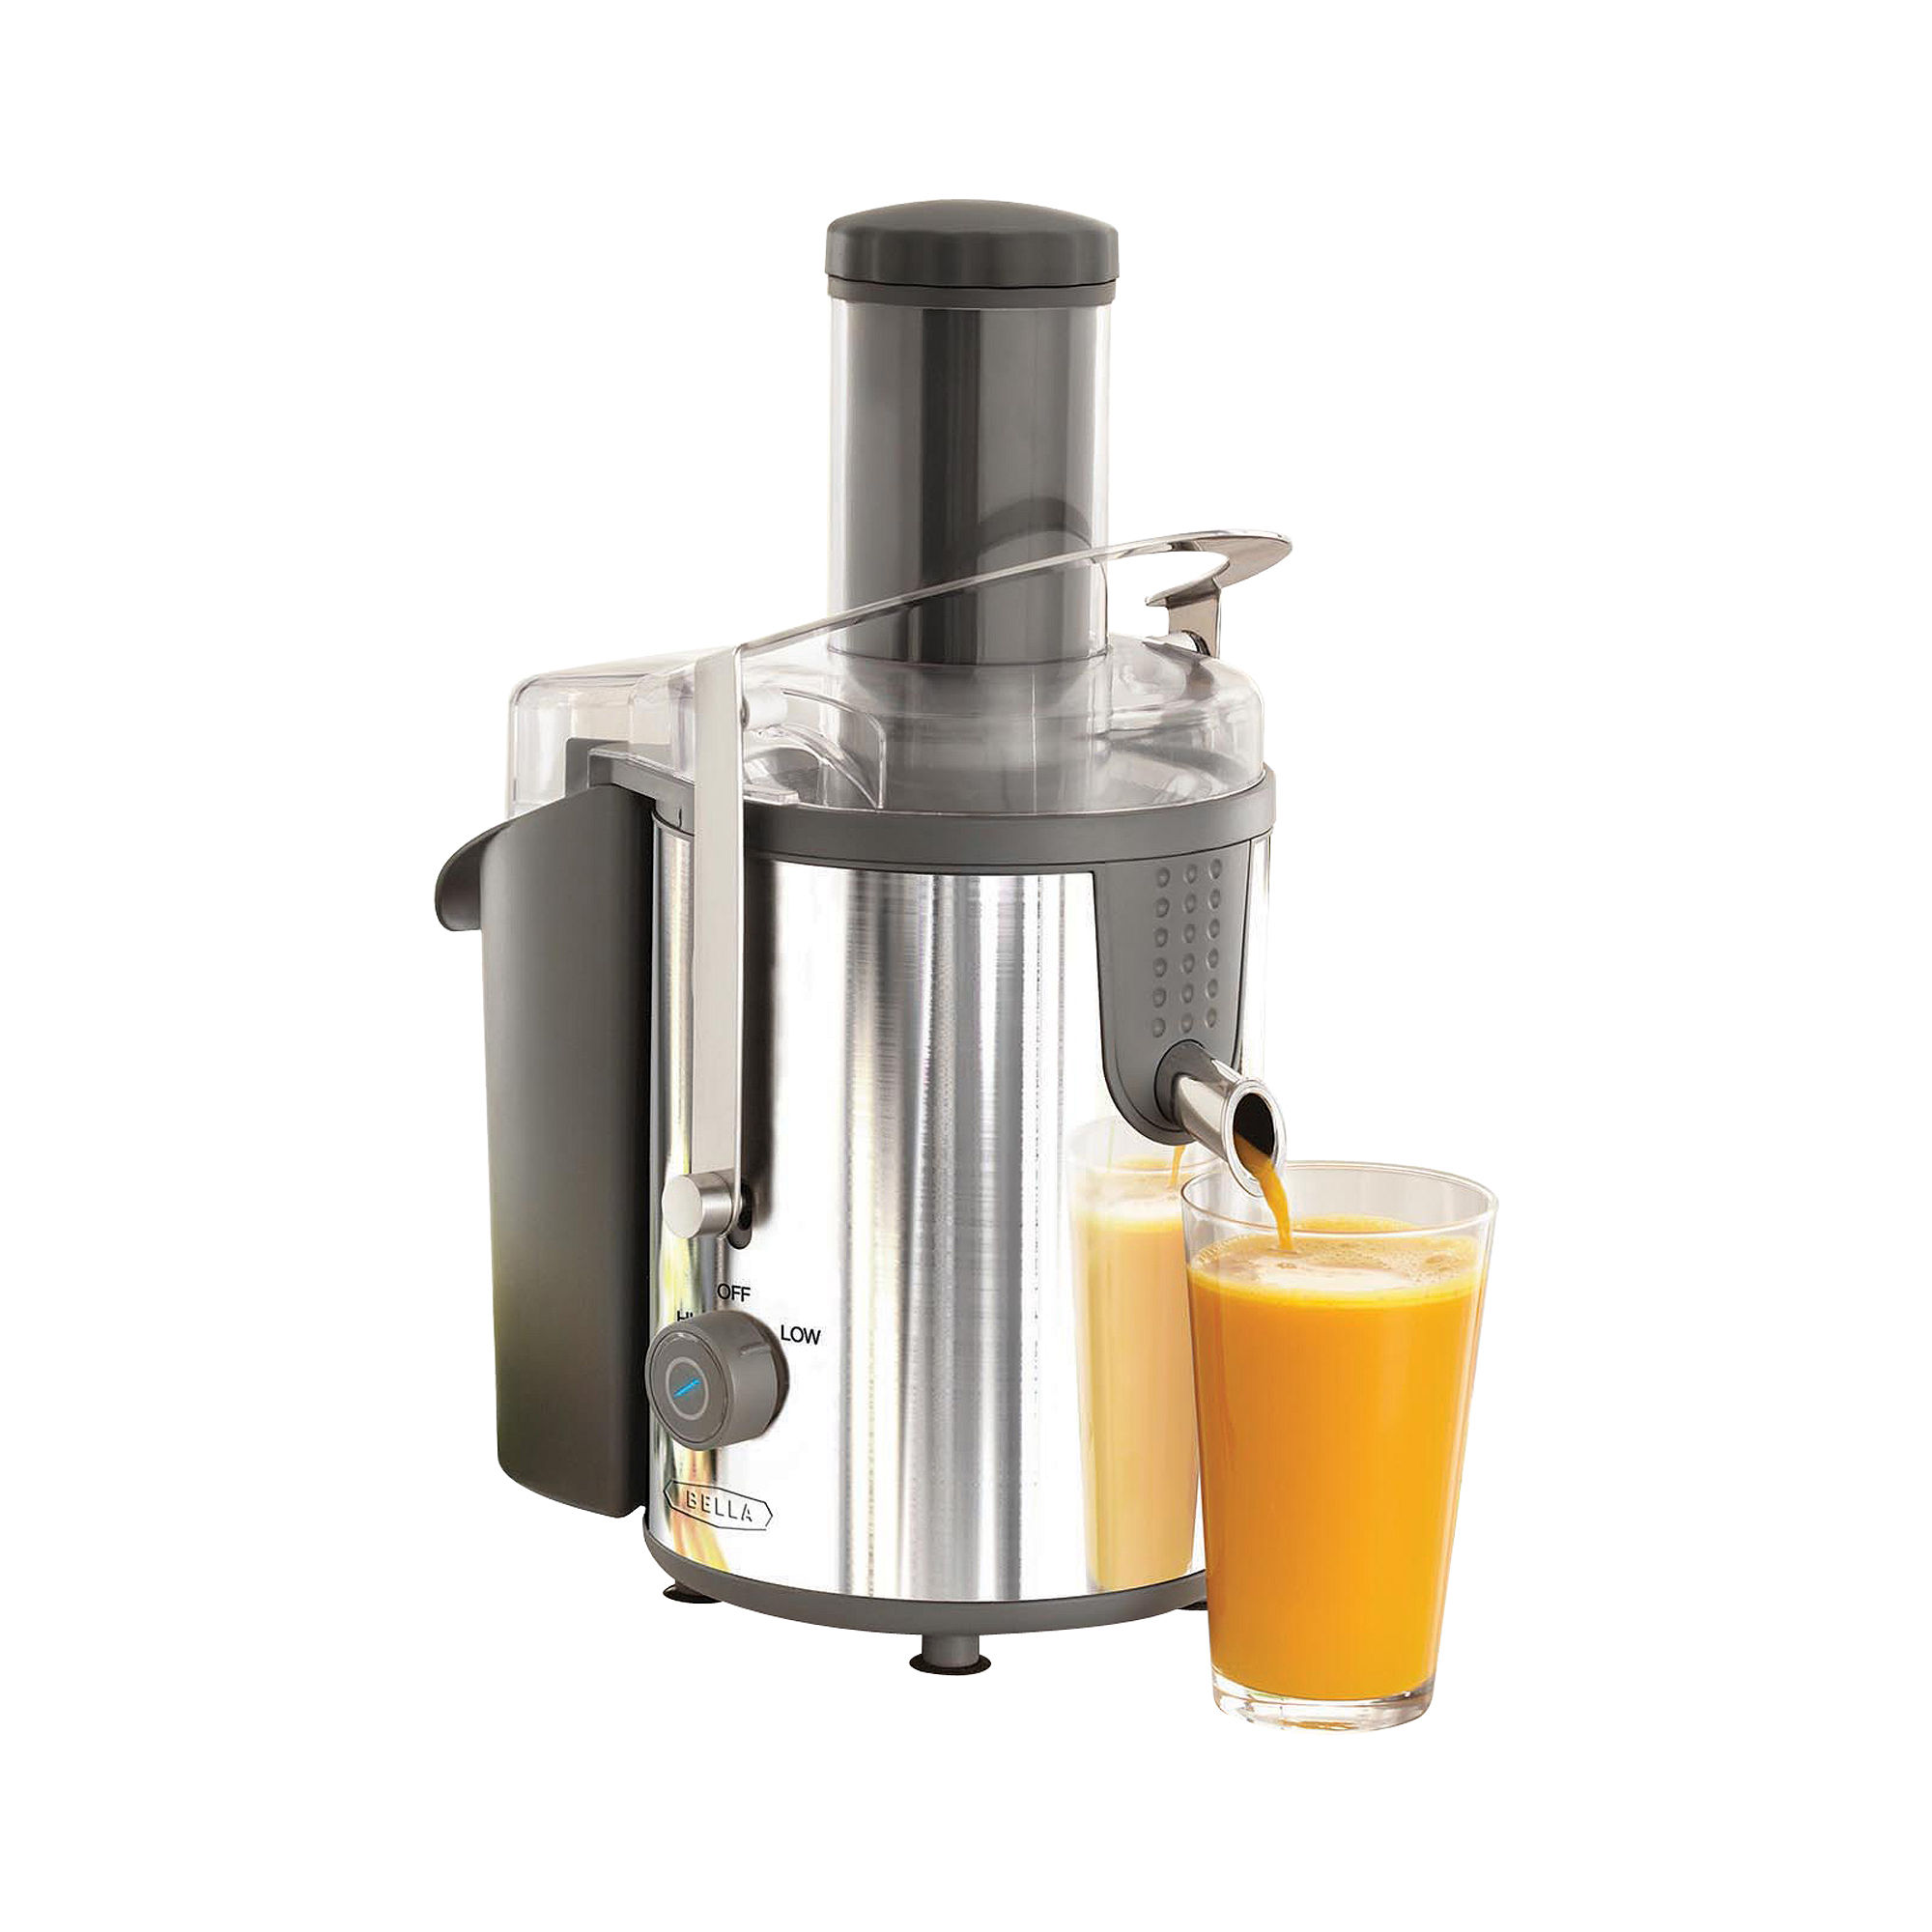 Bella™ High Power Juice Extractor